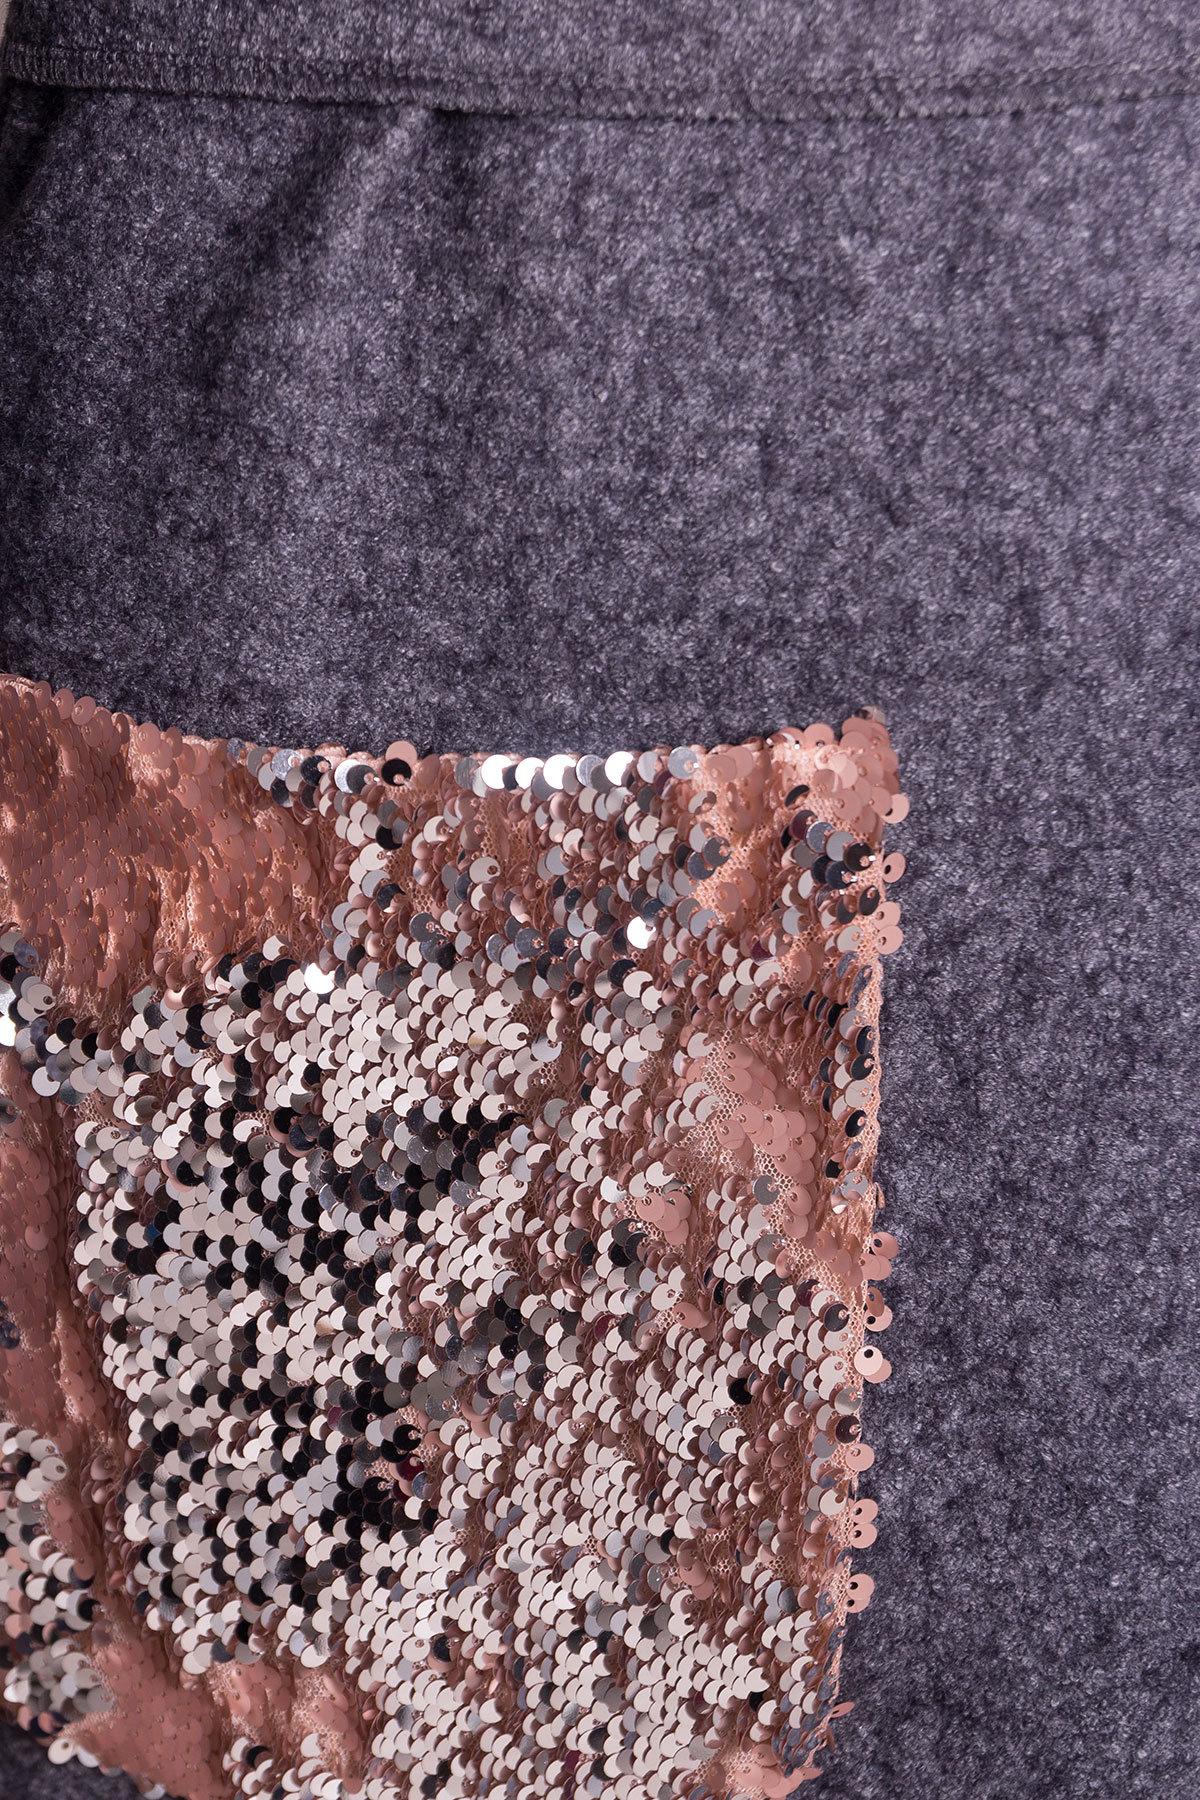 Кардиган с накладными карманами Нуар 4731 АРТ. 34101 Цвет: Серый Темный LW-47 - фото 6, интернет магазин tm-modus.ru